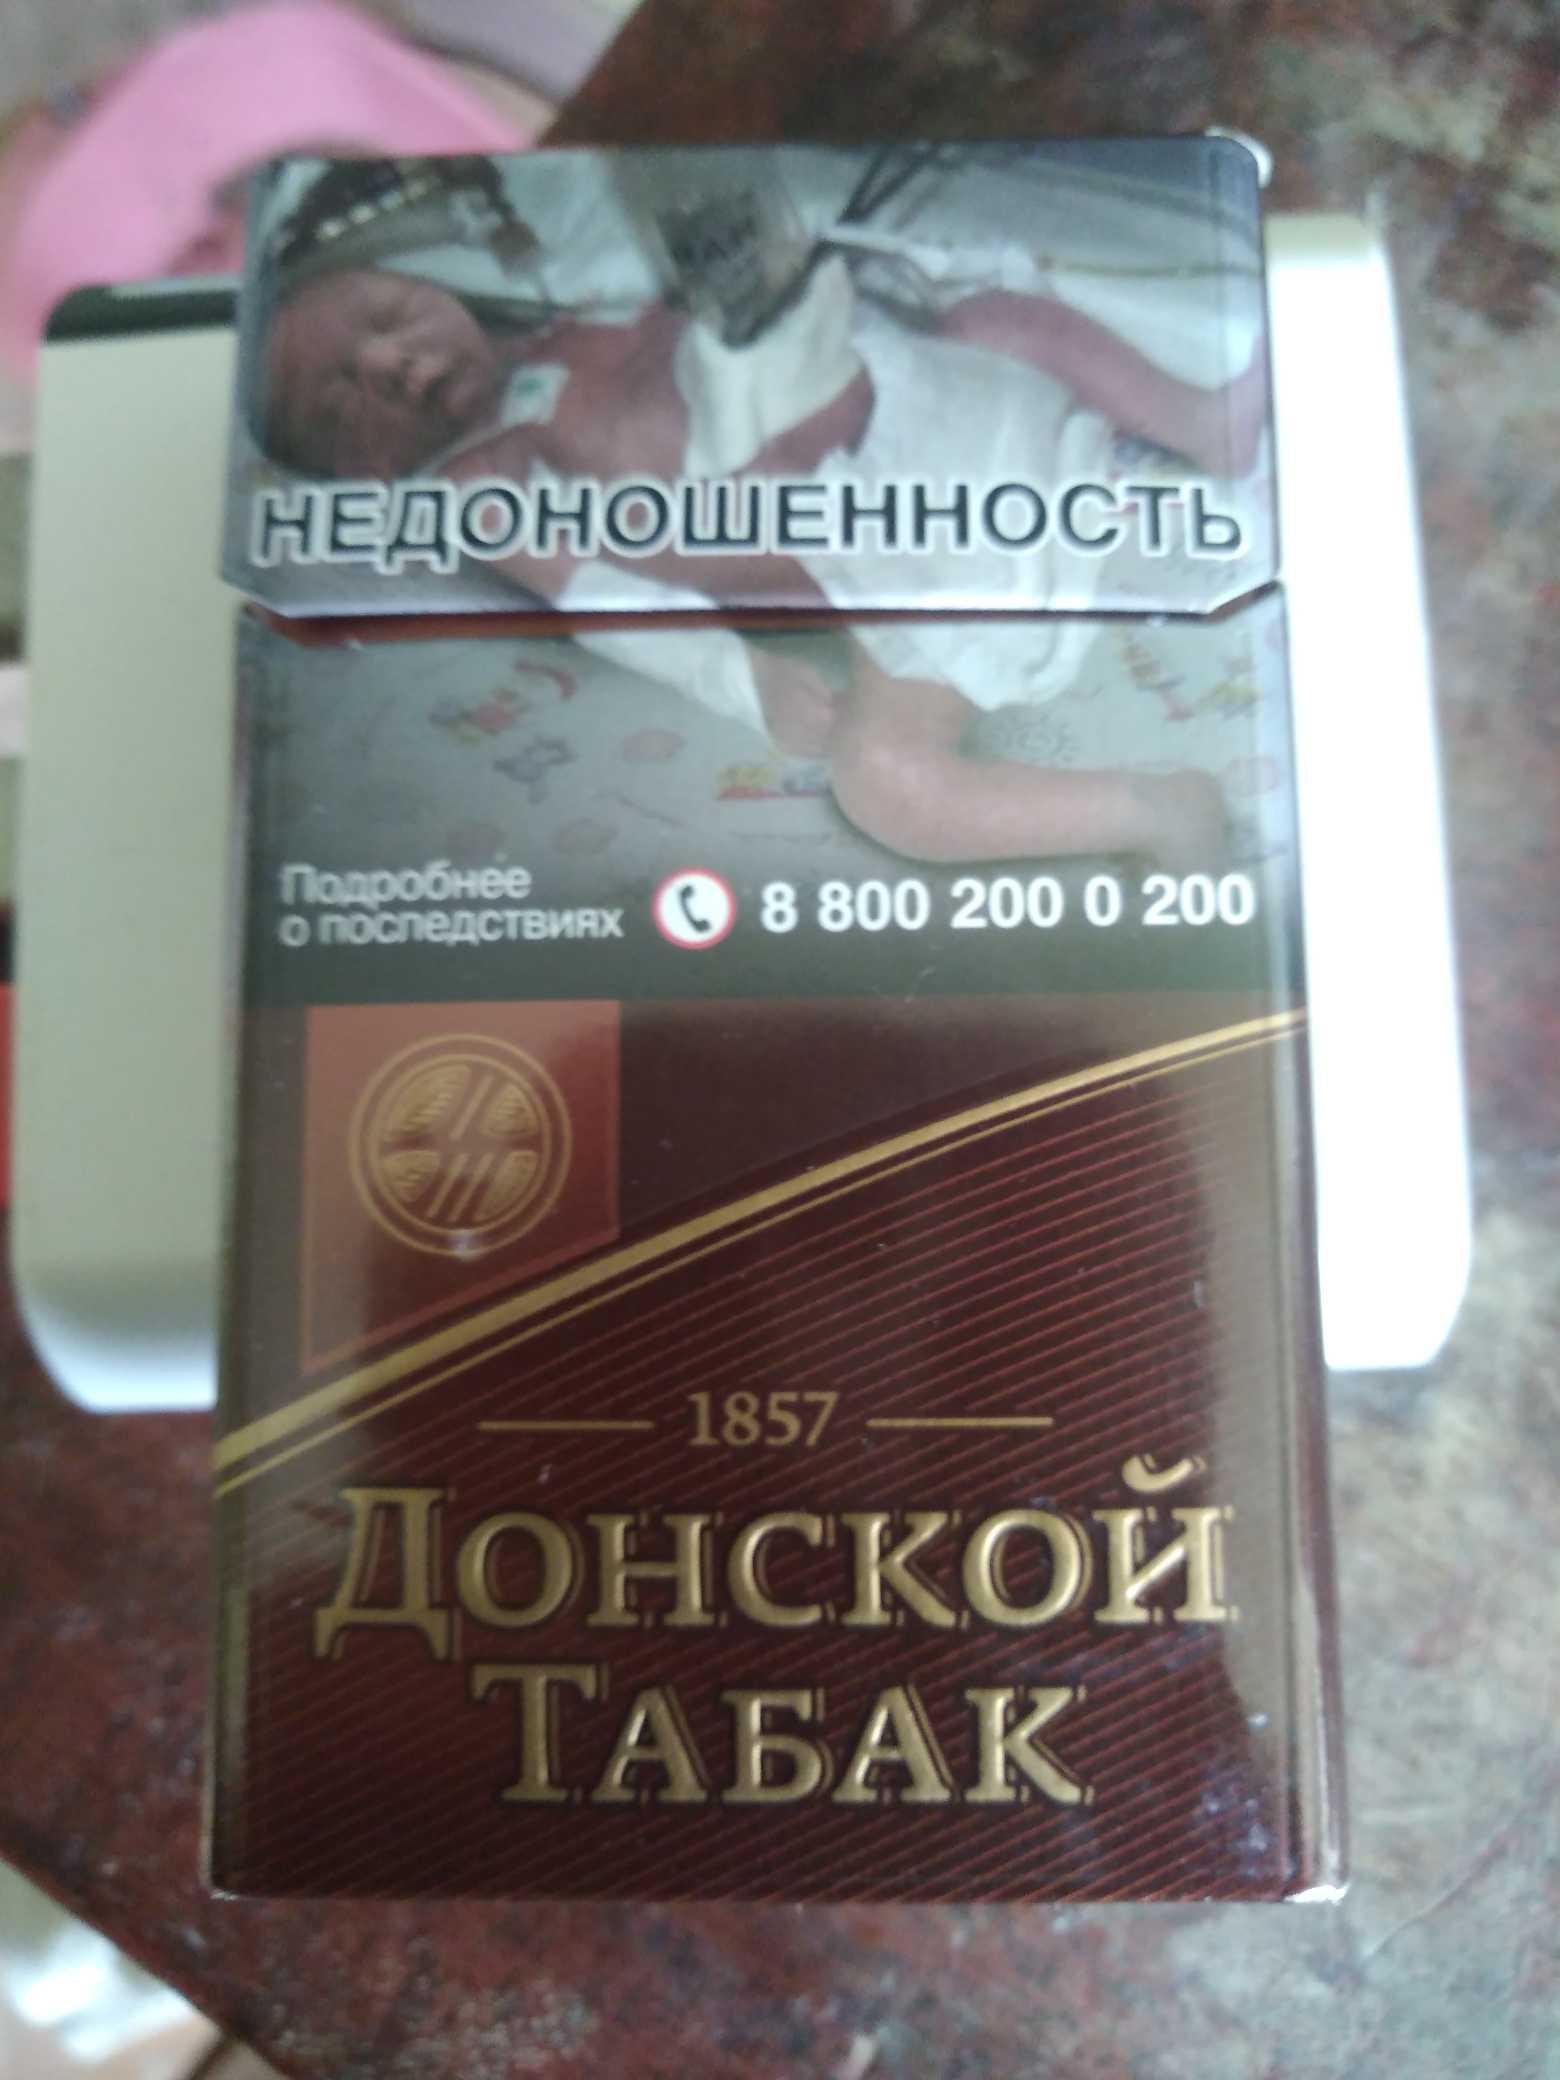 Сигареты донской табак купить цена где в самаре купить сигареты чапман